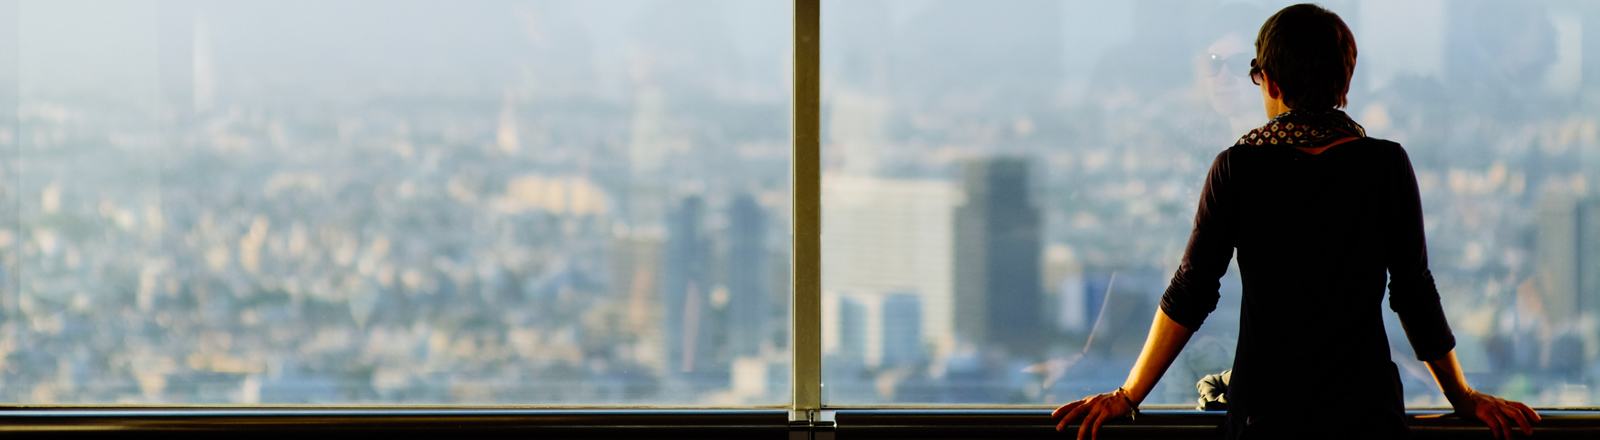 Eine Frau blickt aus einem Hochhausfenster auf eine Großstadt.